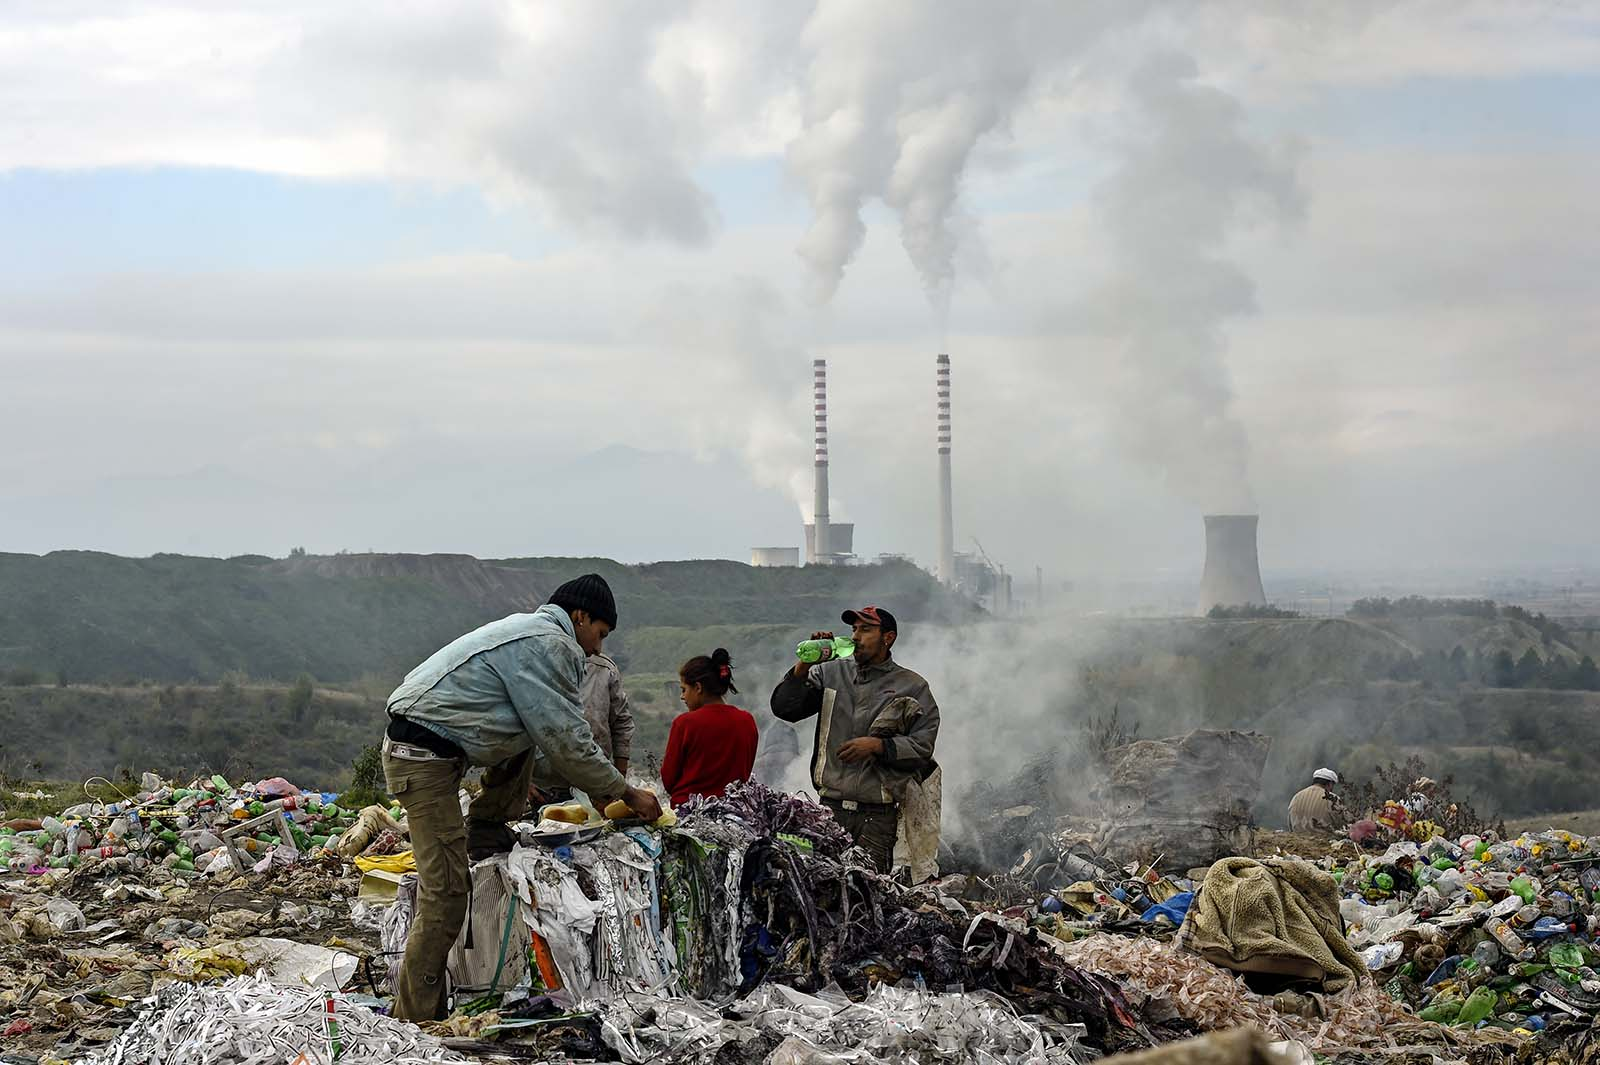 Луѓе собираат пластична амбалажа од депонијата (Фото: Ѓ. Личовски)